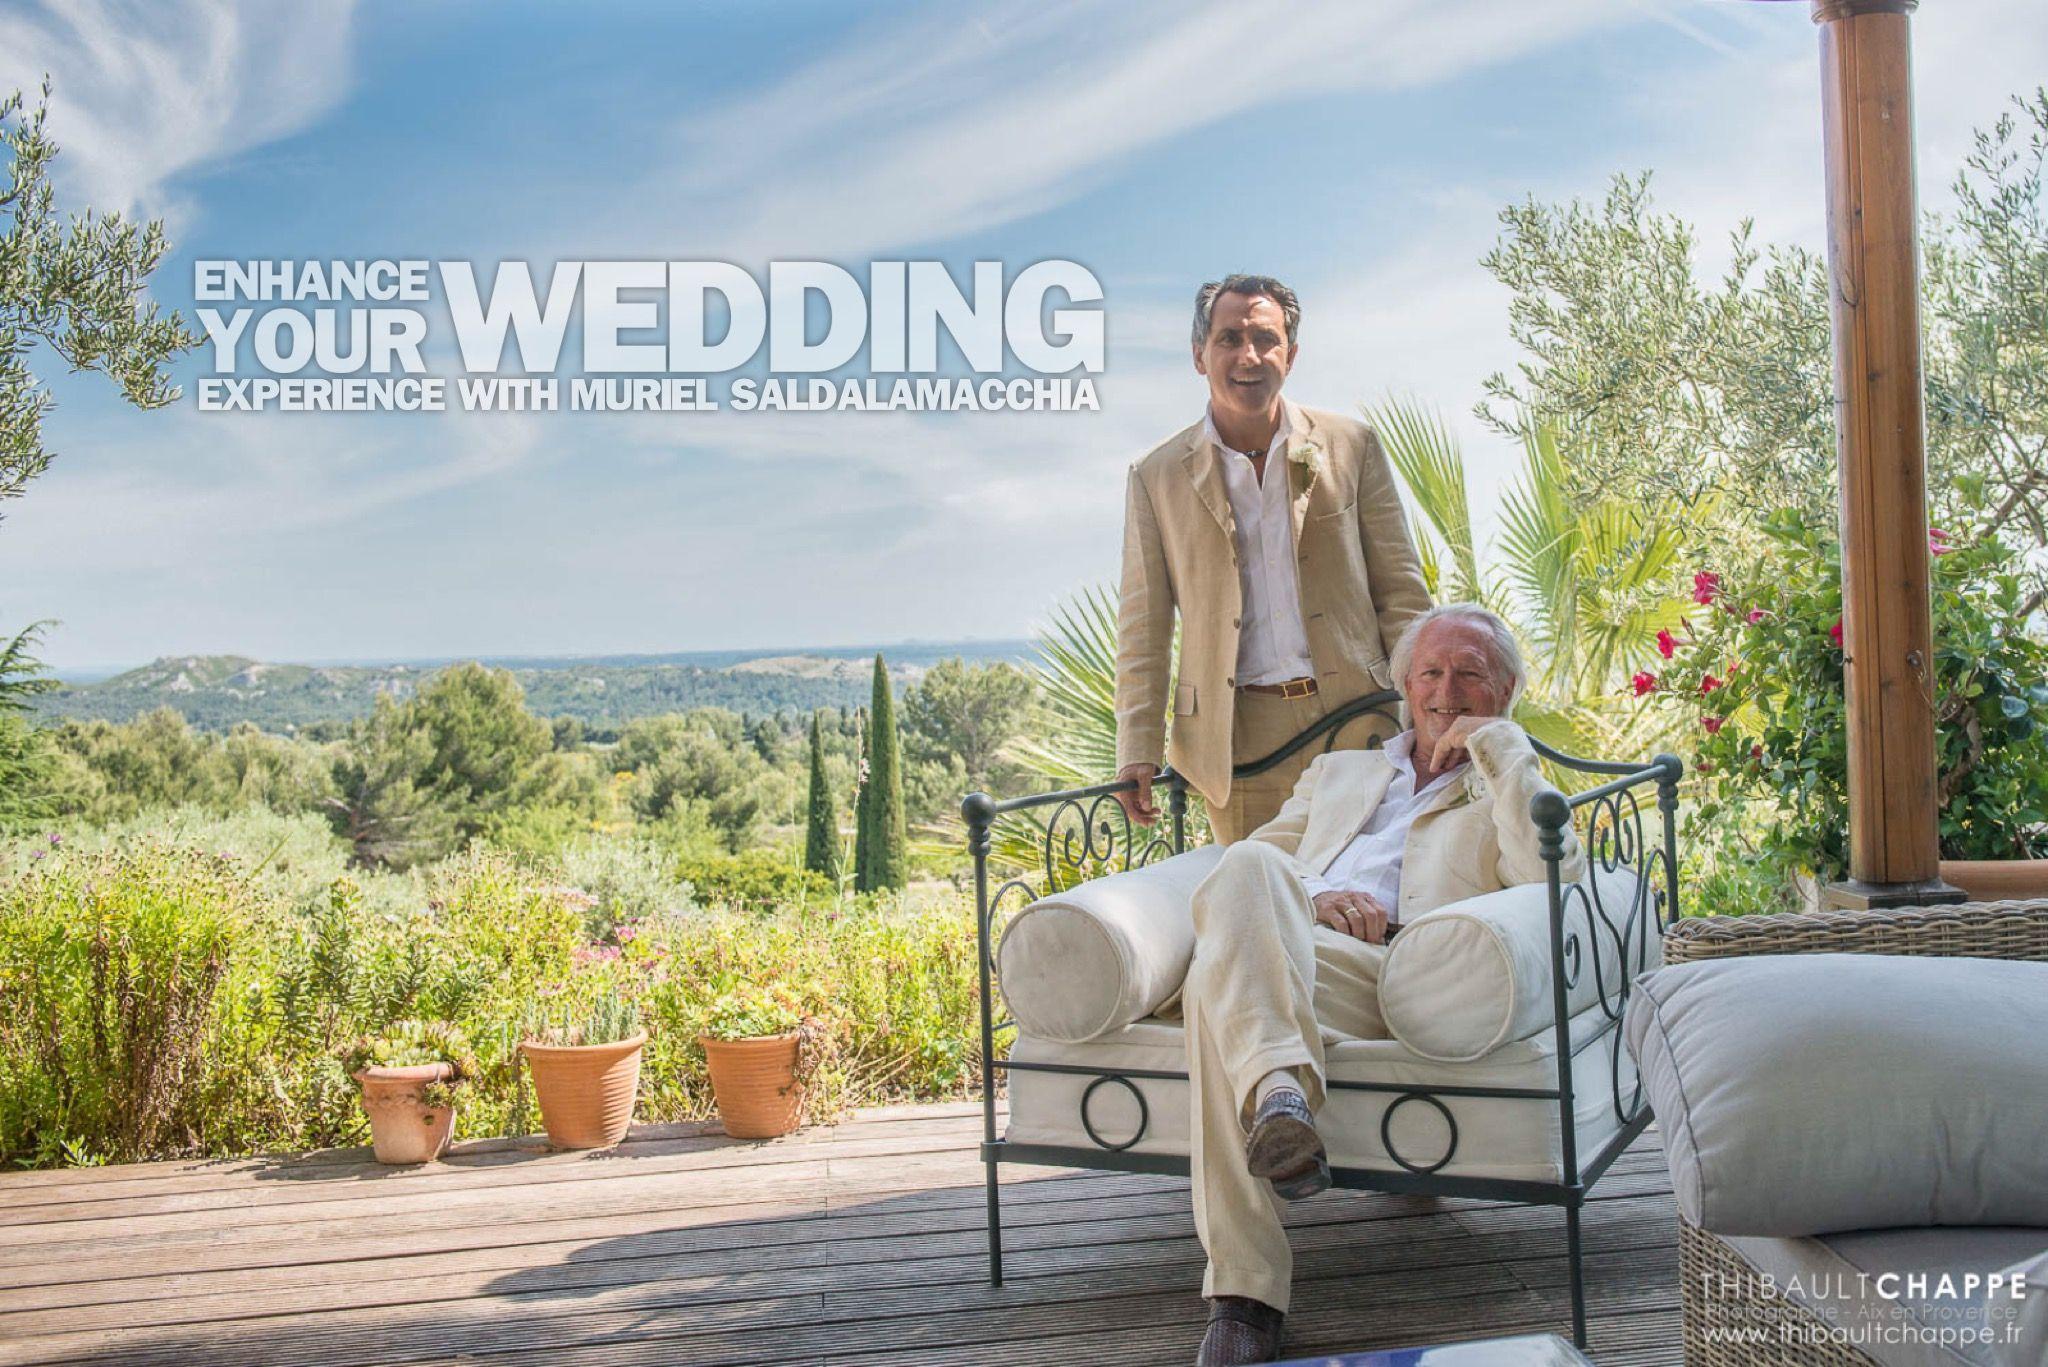 Enhance your wedding experience ! #outdoorwedding #Provence #weddingprovence #lesriresdejulie #MurielSaldalamacchia #WeddingPlannerProvence